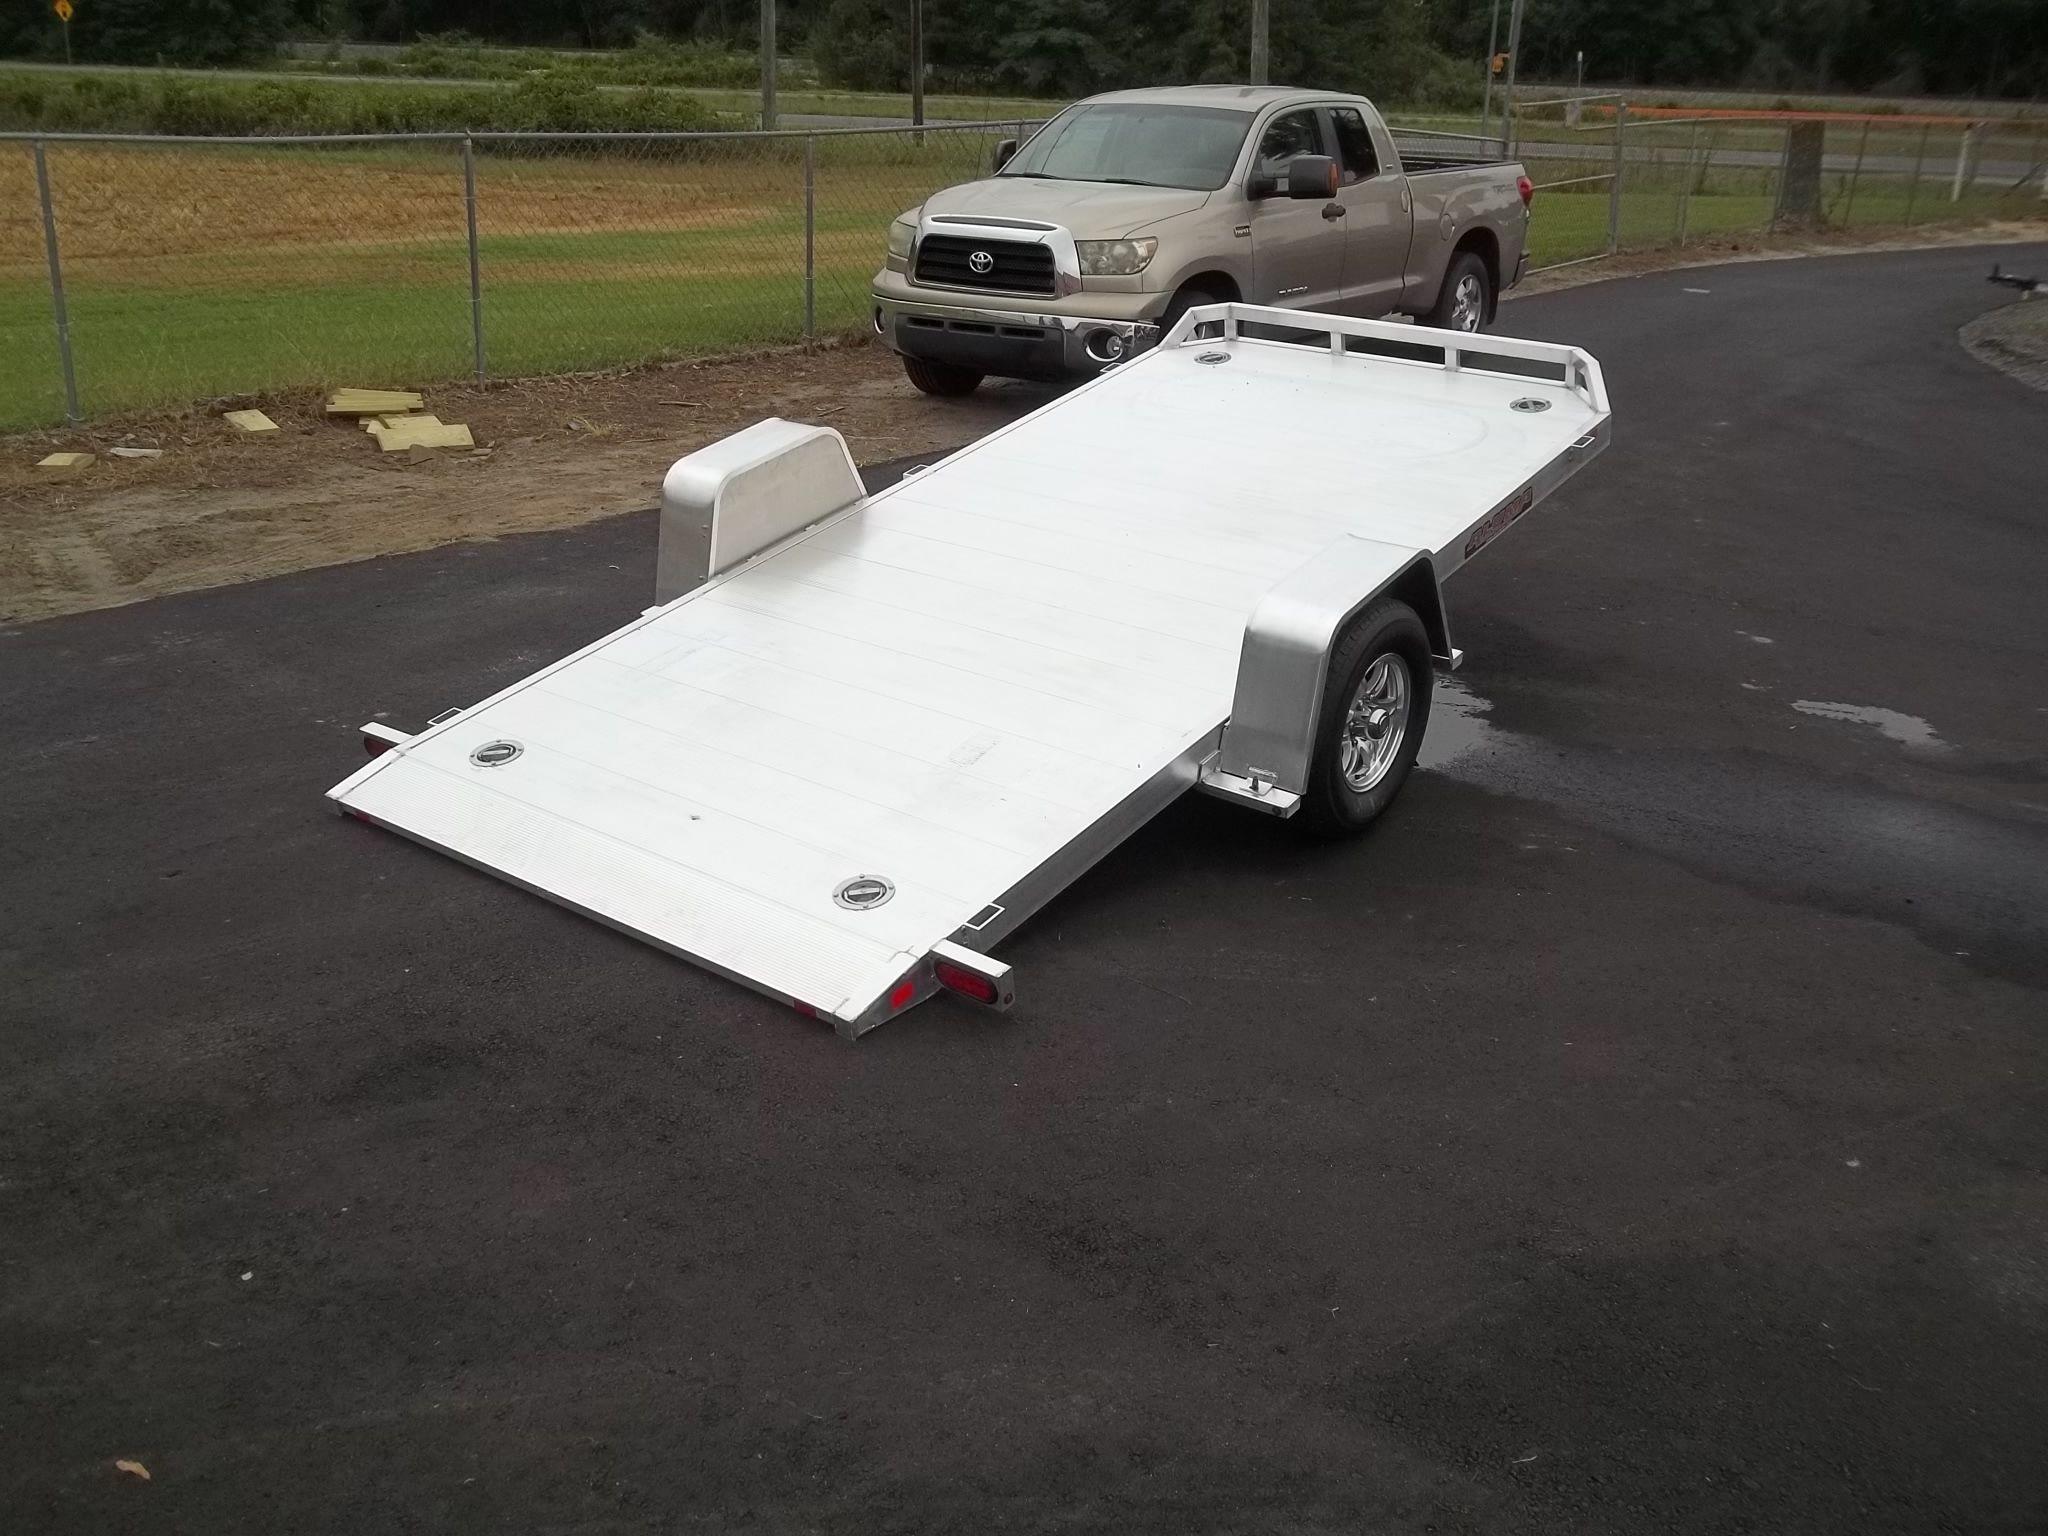 Heavy duty aluminum single axle carhauler trailer with 5k axle aluma 8214 hs tilt